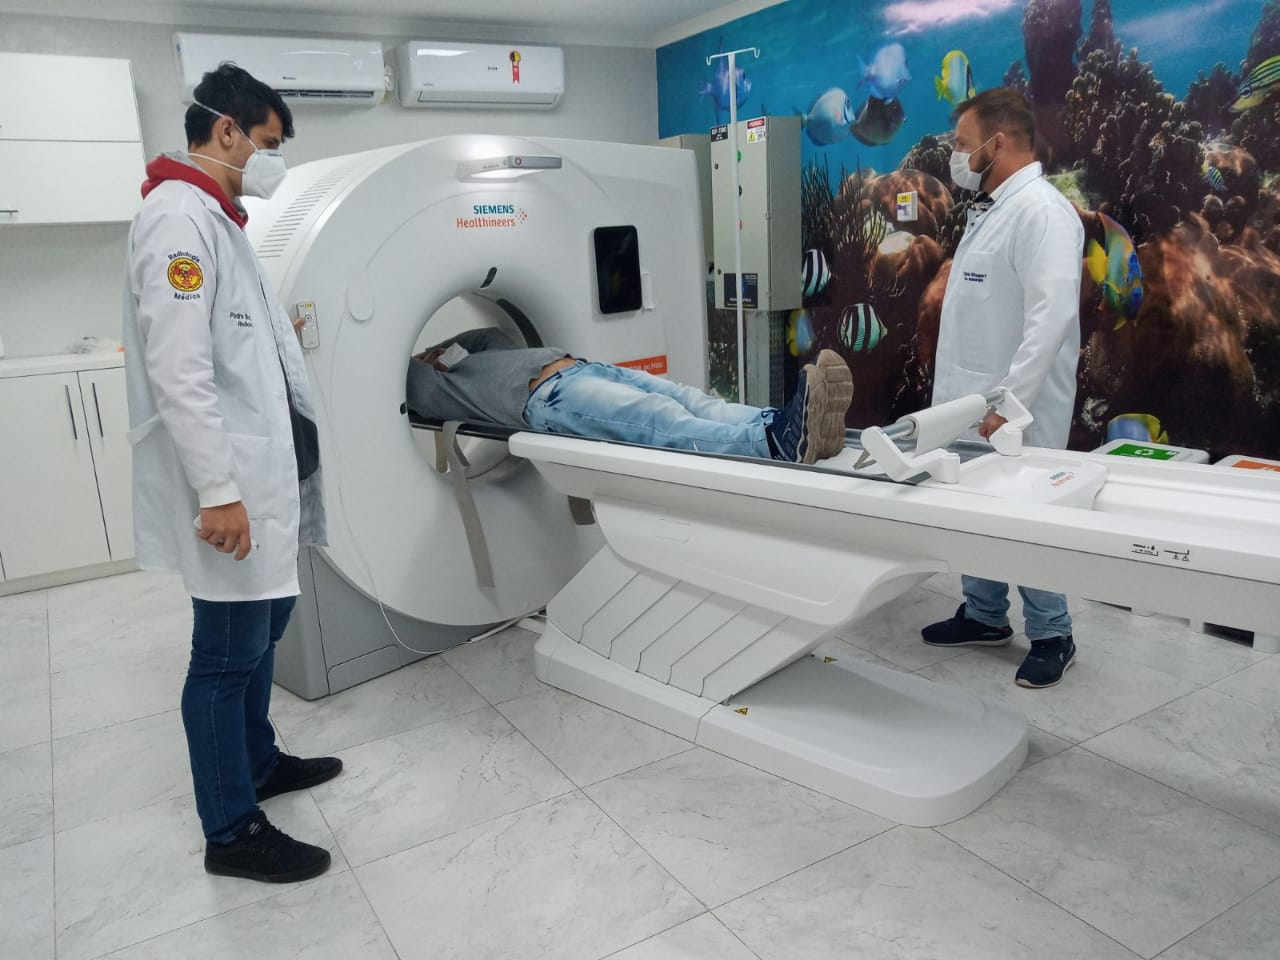 TOMÓGRAFO ENTRA EM FUNCIONAMENTO  NO HOSPITAL DE CARIDADE DE CANELA